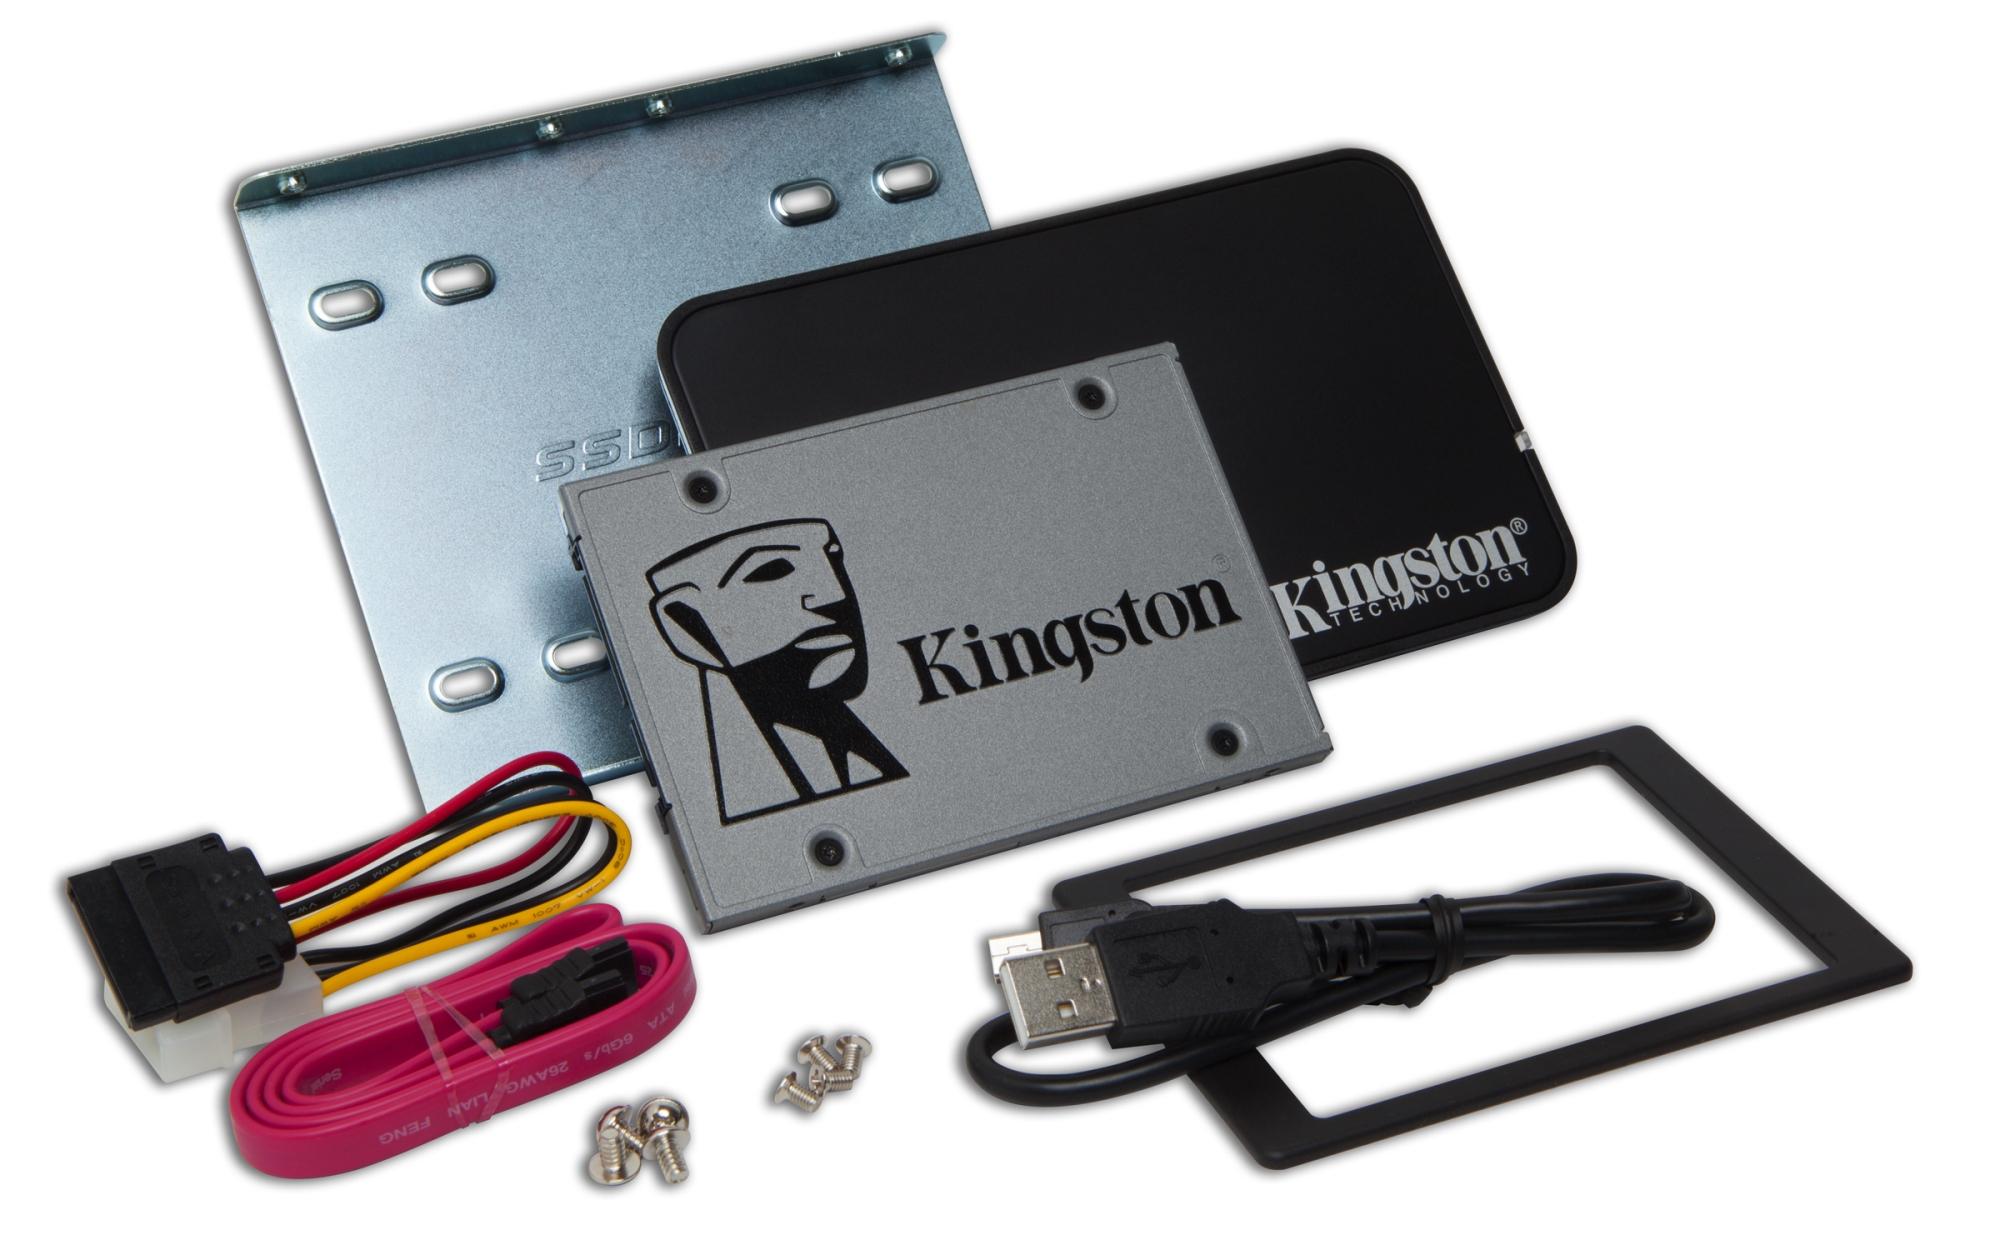 Uv500 Ssd 120gb Desktop/notebook Upgrade Kit 120gb 2.5 Serial Ata Iii